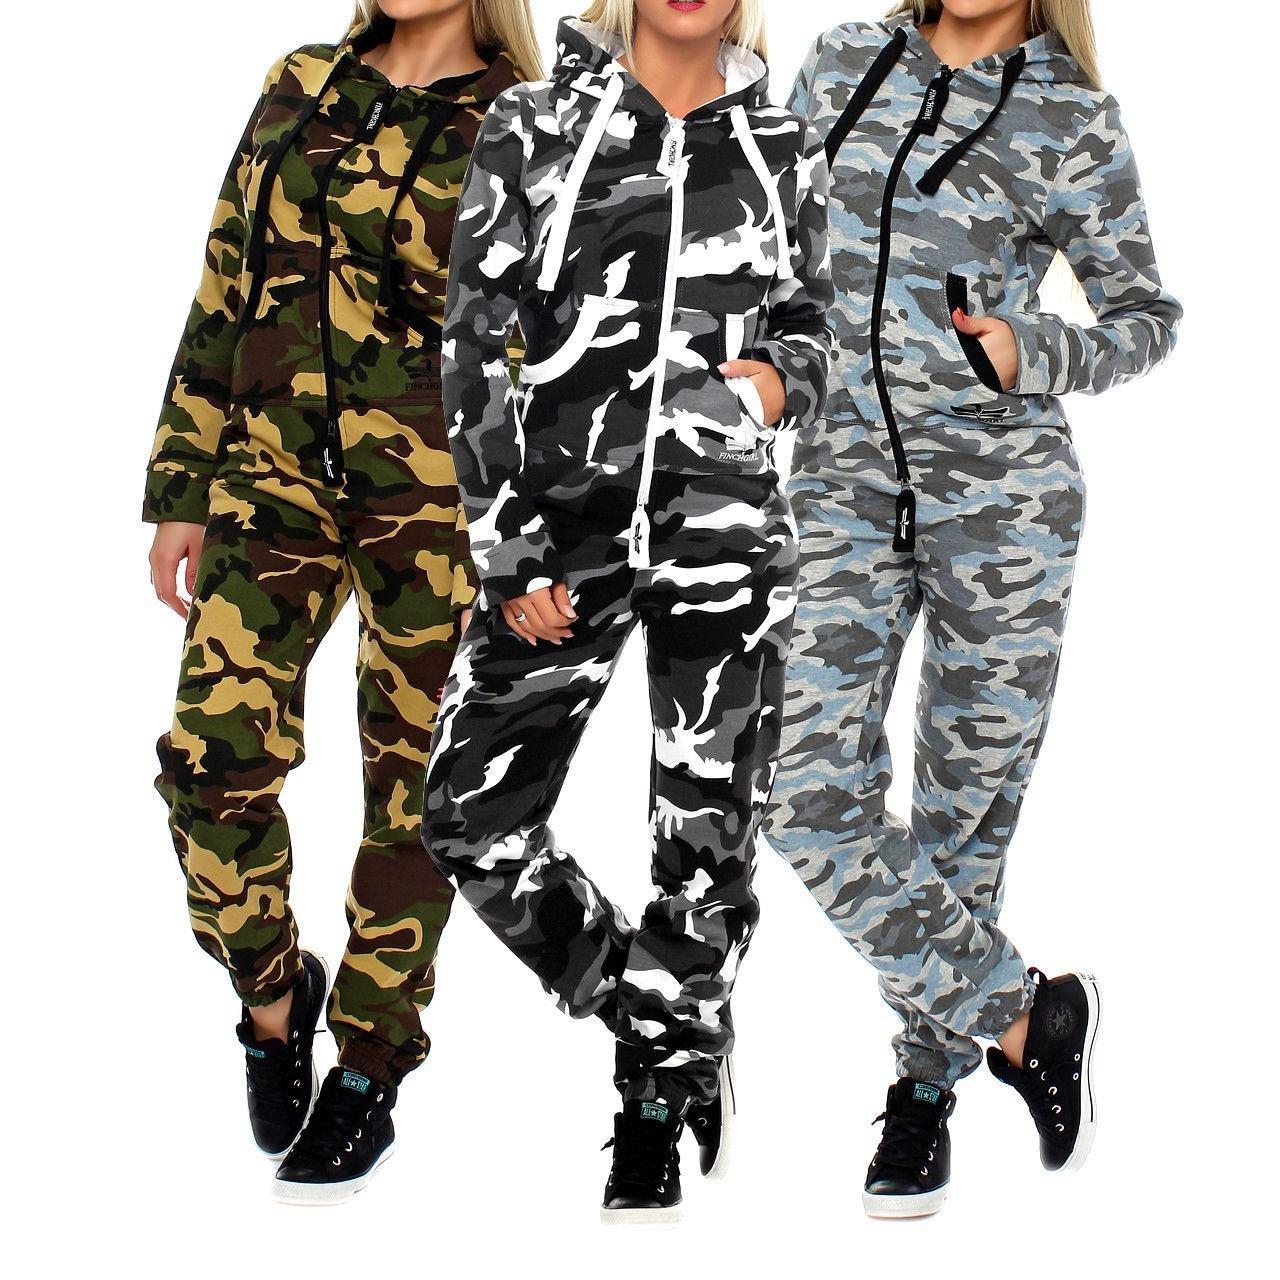 ZOGAA Yeni Moda Kamuflaj Eşofman Koşu Suit Kapşonlu Sweatshirt + jogger Pantolon 2 parçalı set kadın eşofmanı kadınların S-2XL T200825